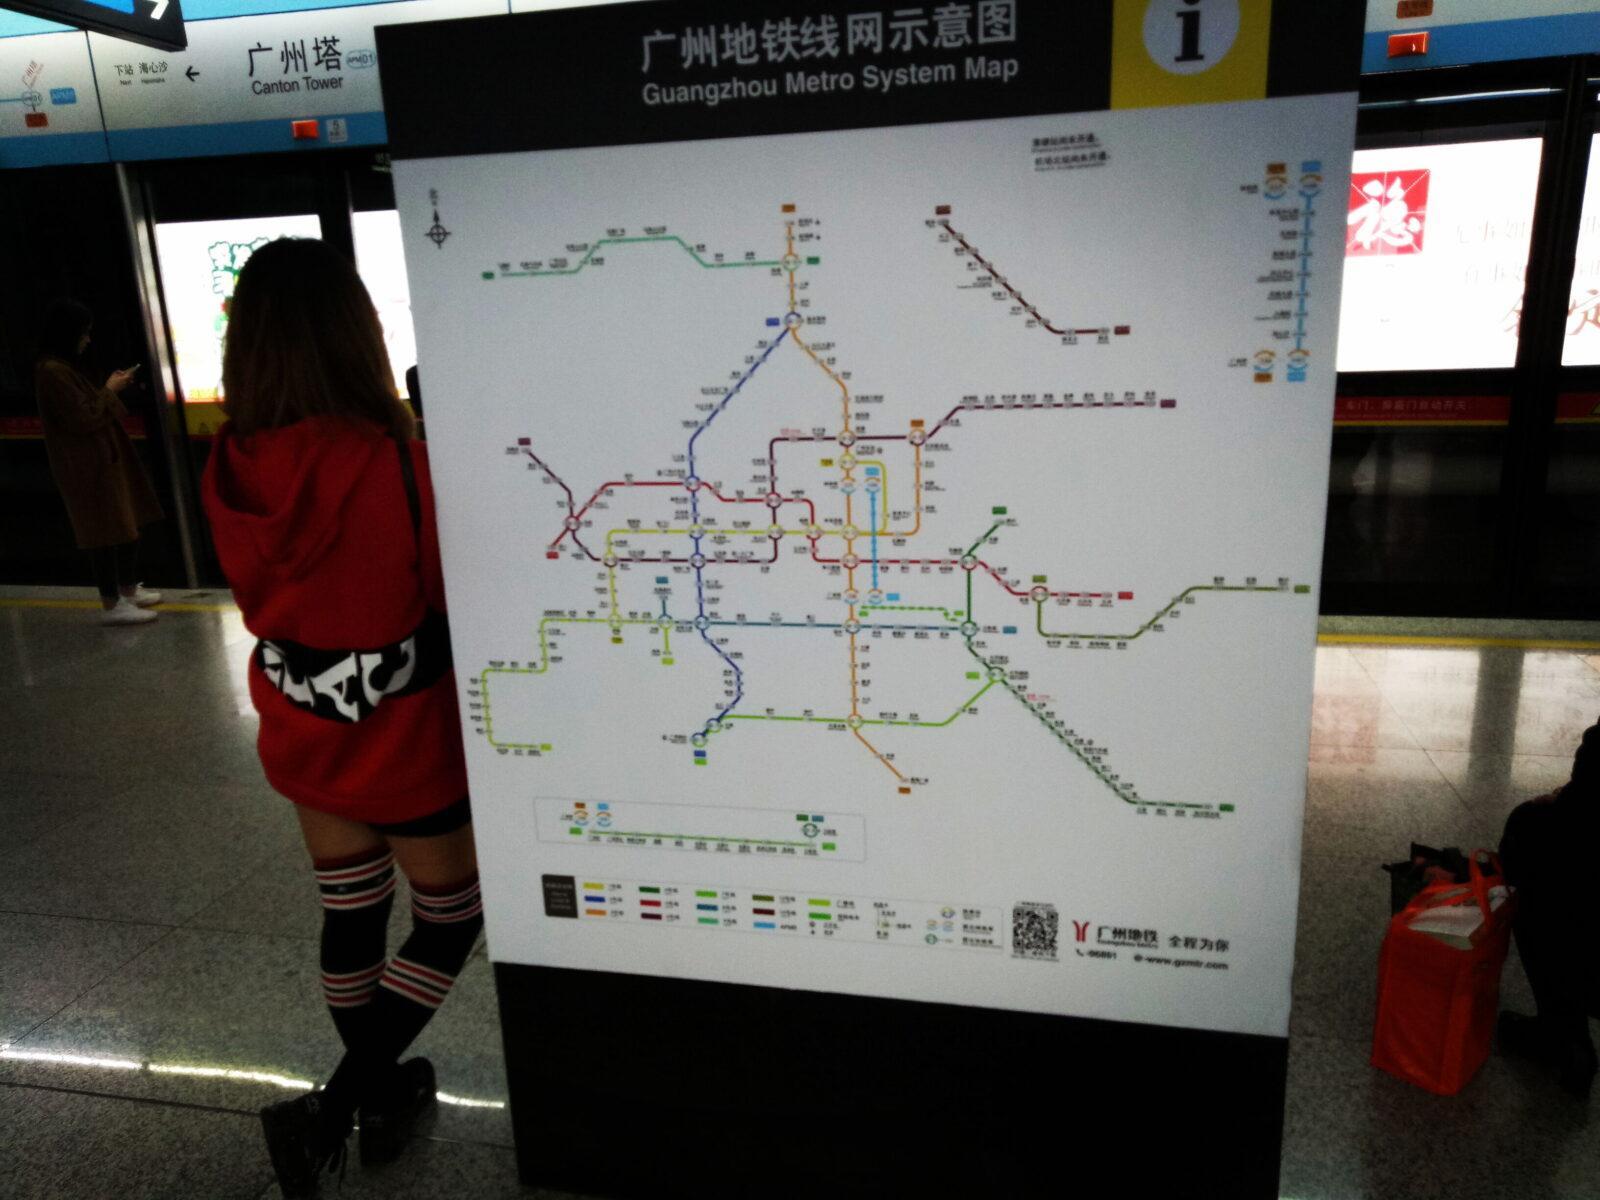 中澳文化差异:在中国的面试像口袋妖怪去狩猎